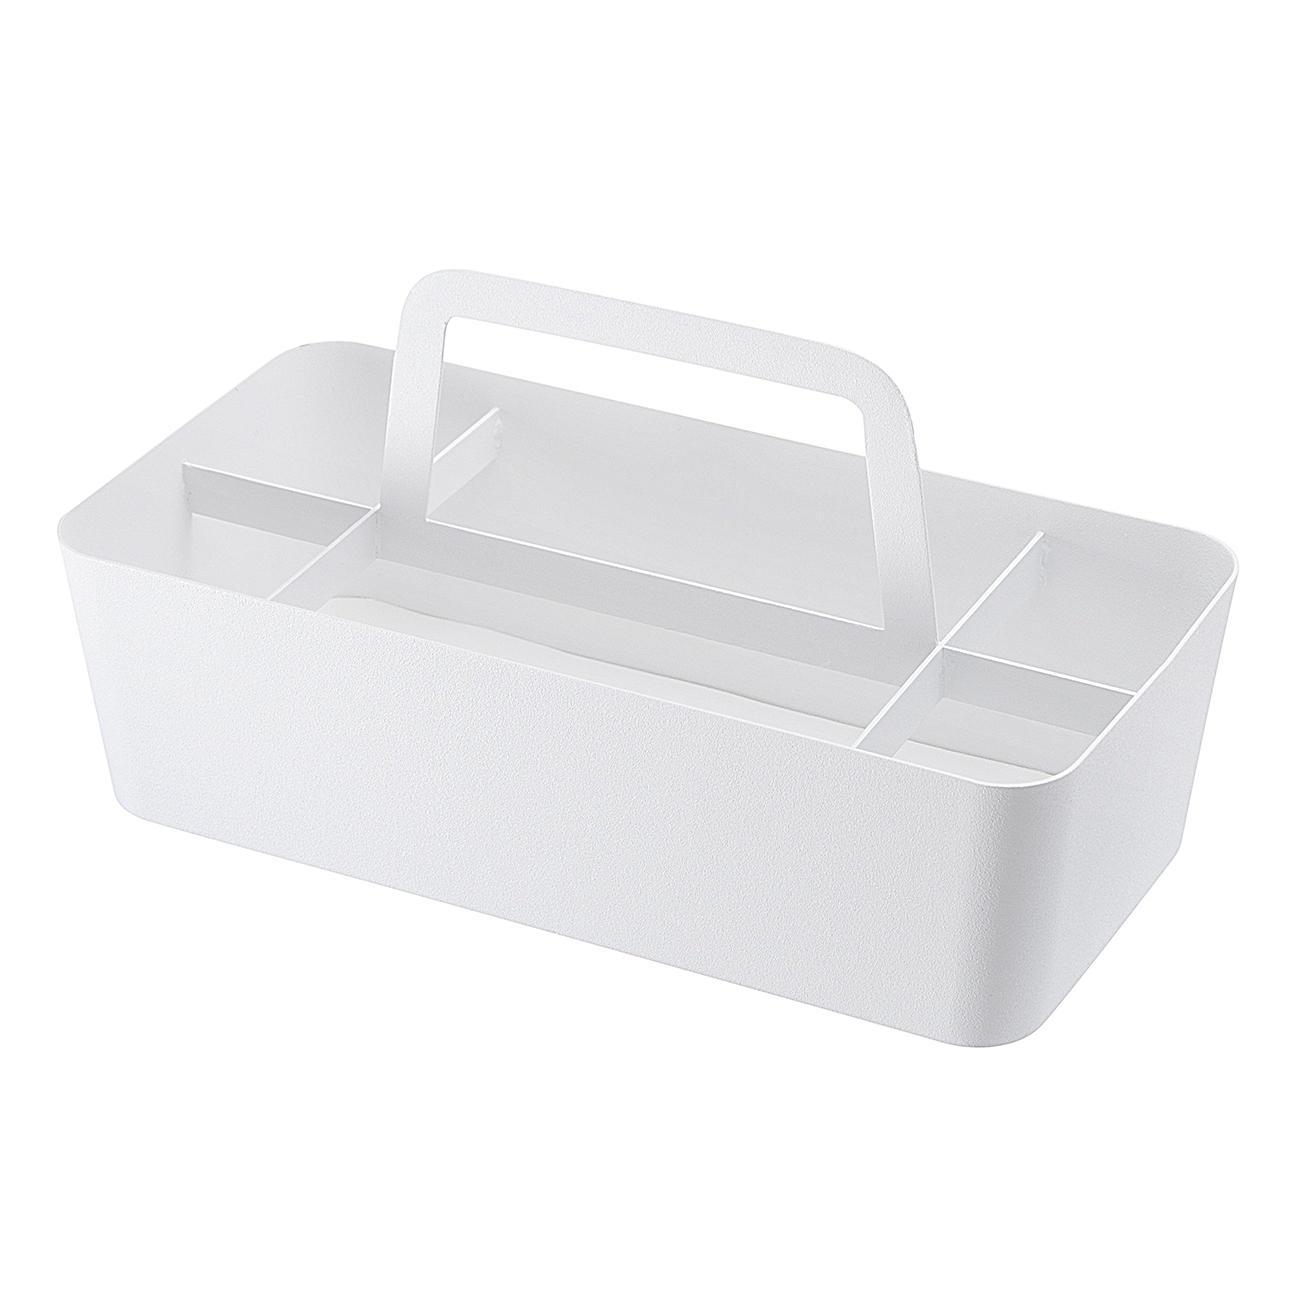 yamazaki aufbewahrungsbox pulverbeschichteter stahl wei. Black Bedroom Furniture Sets. Home Design Ideas